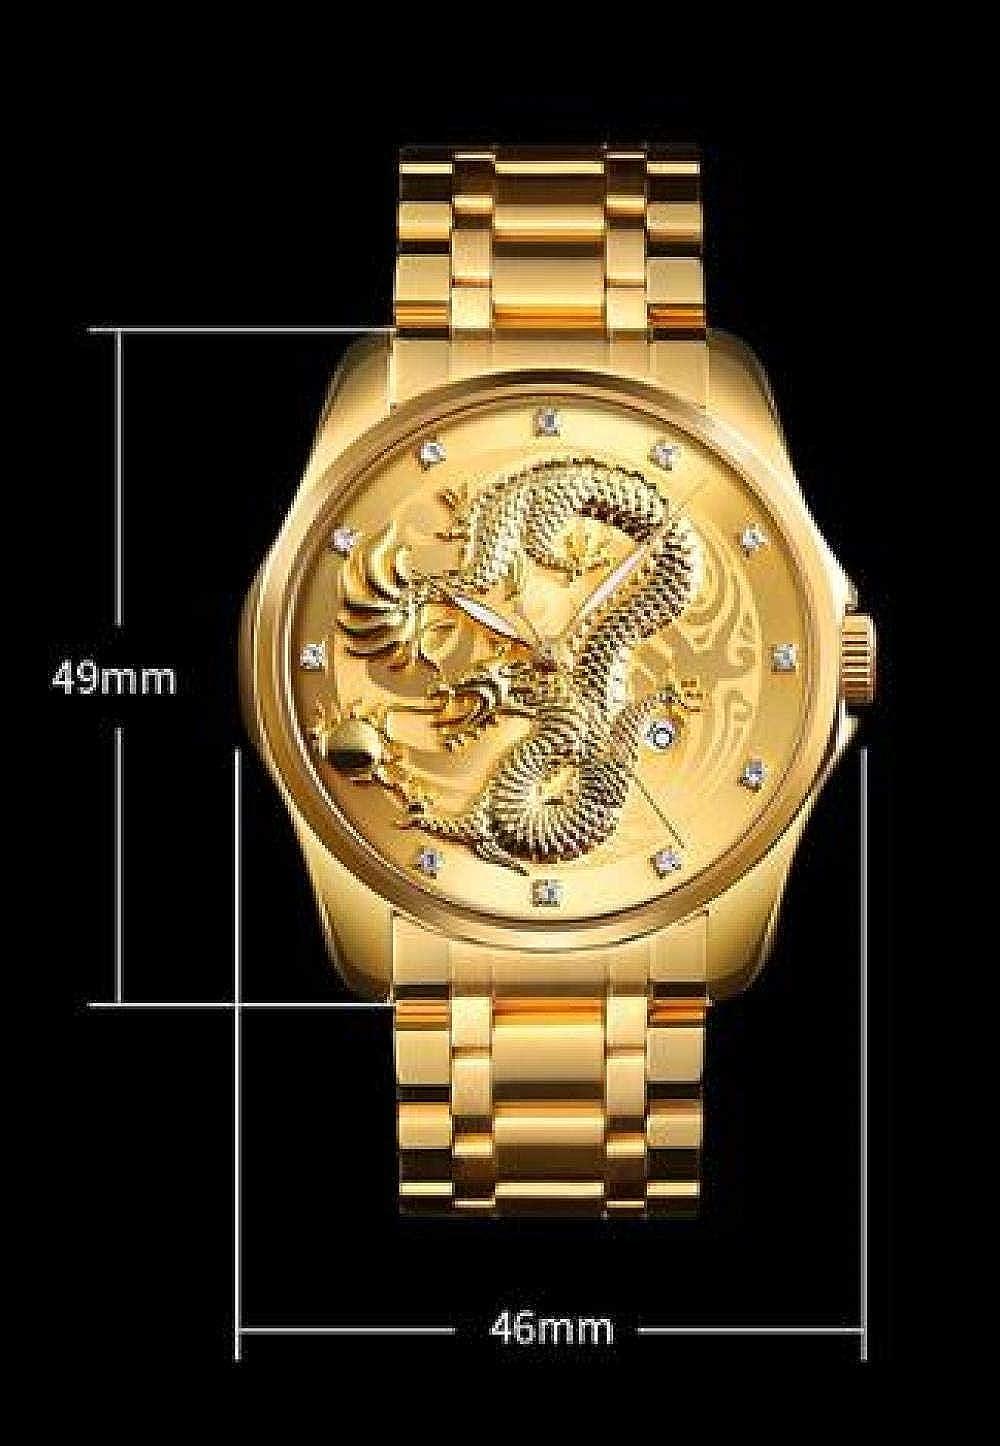 Haonb Montres Hommes Montre Créative Locale De Montre en Or en Relief du Dragon Chinois Golden Gold Face